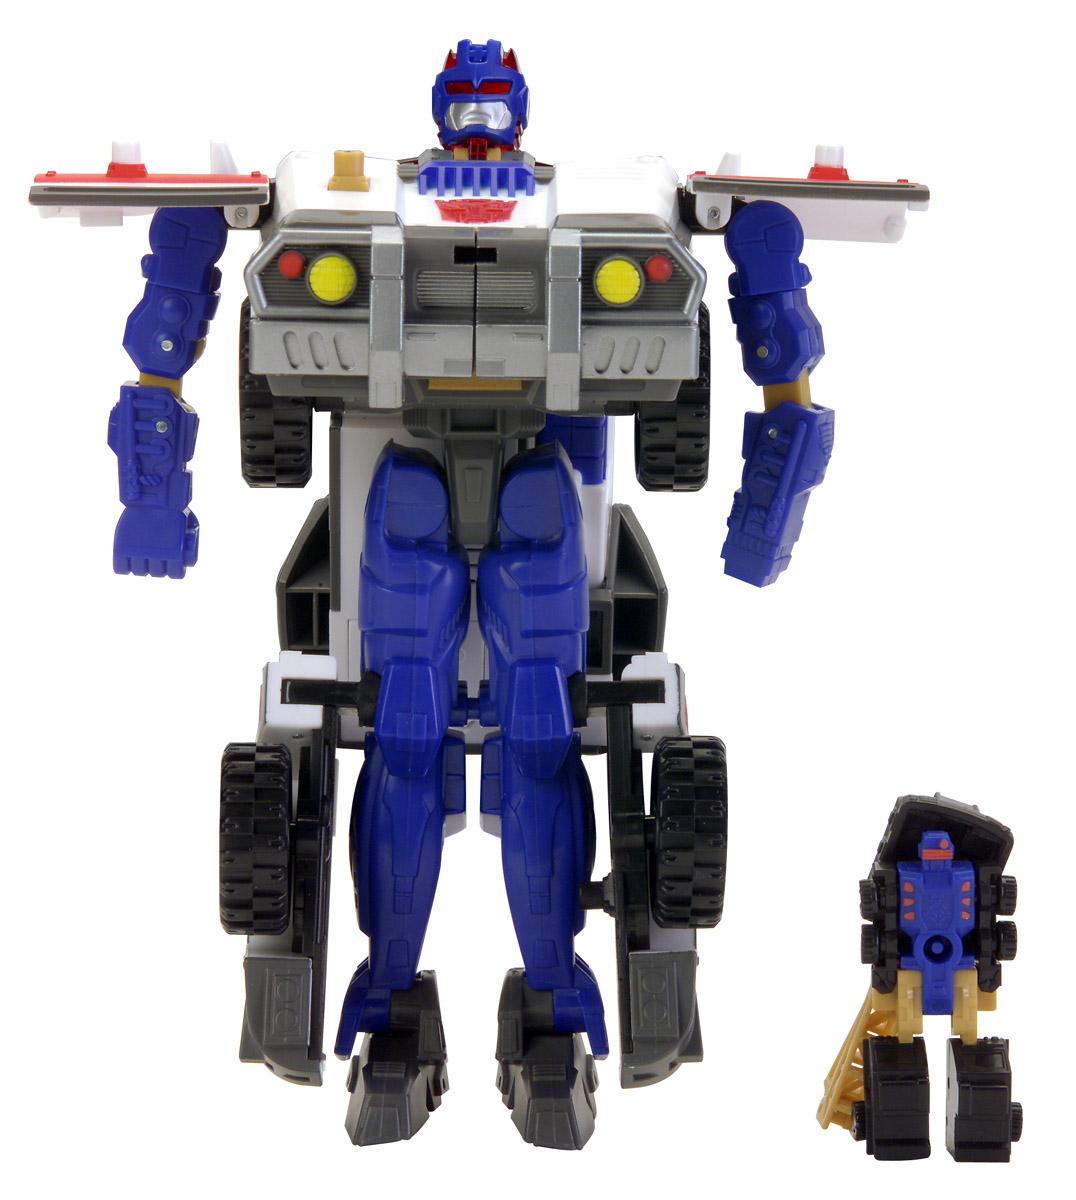 transformers armada toyline transformers wiki autos post